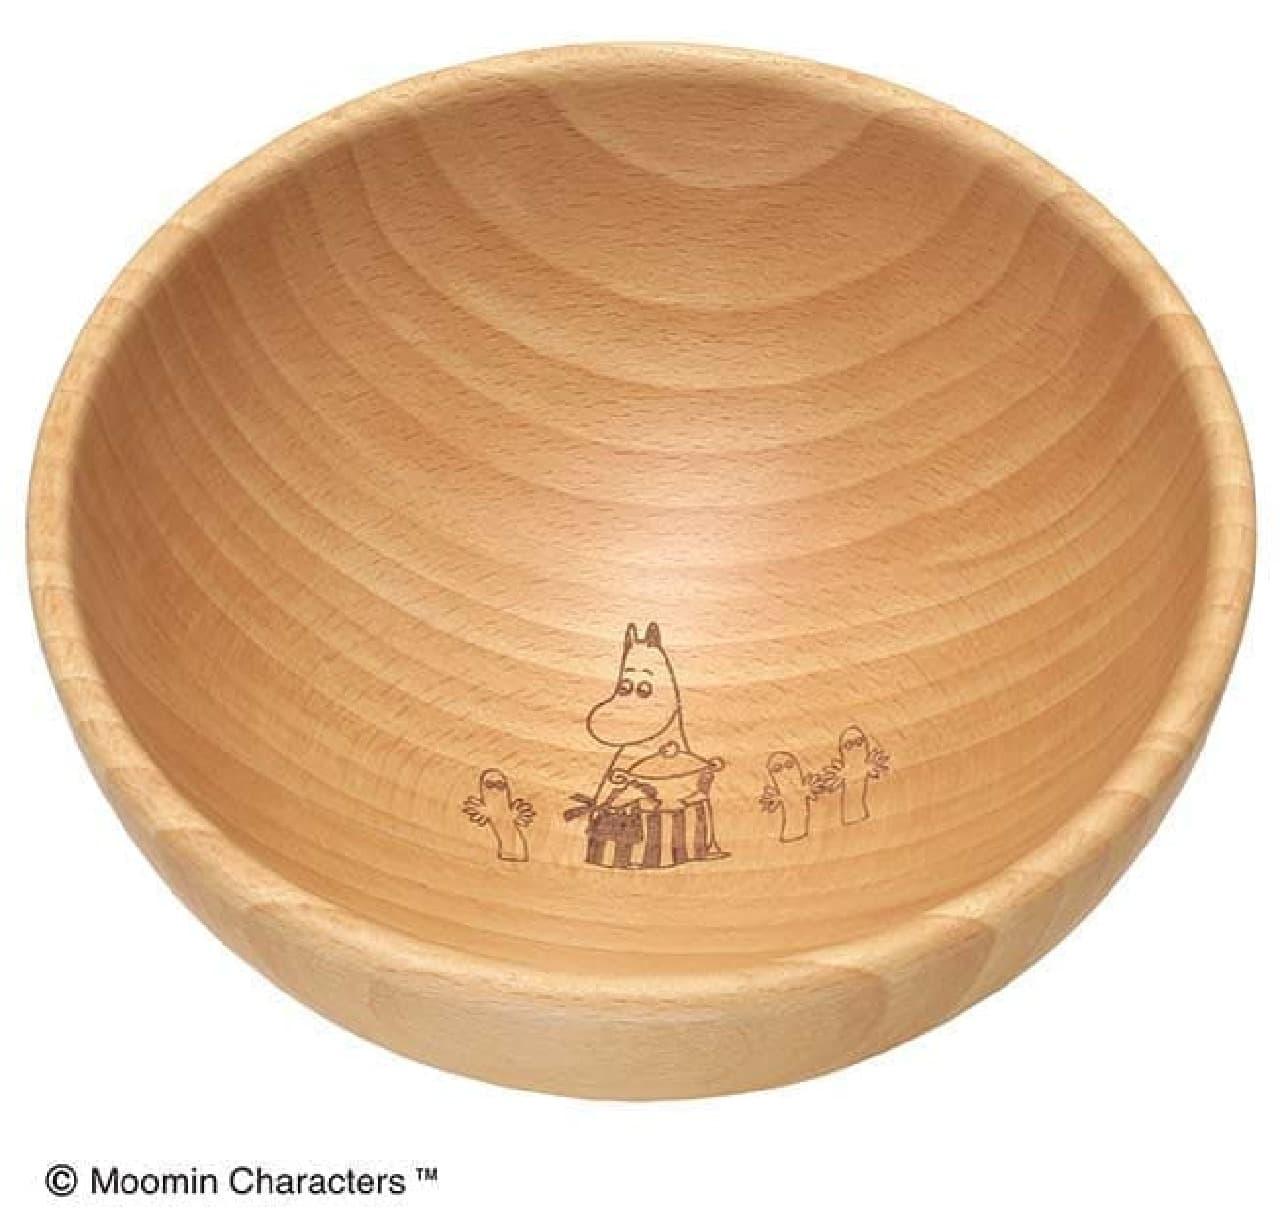 木製キッチンシリーズ ムーミンママ達のサラダボウル13